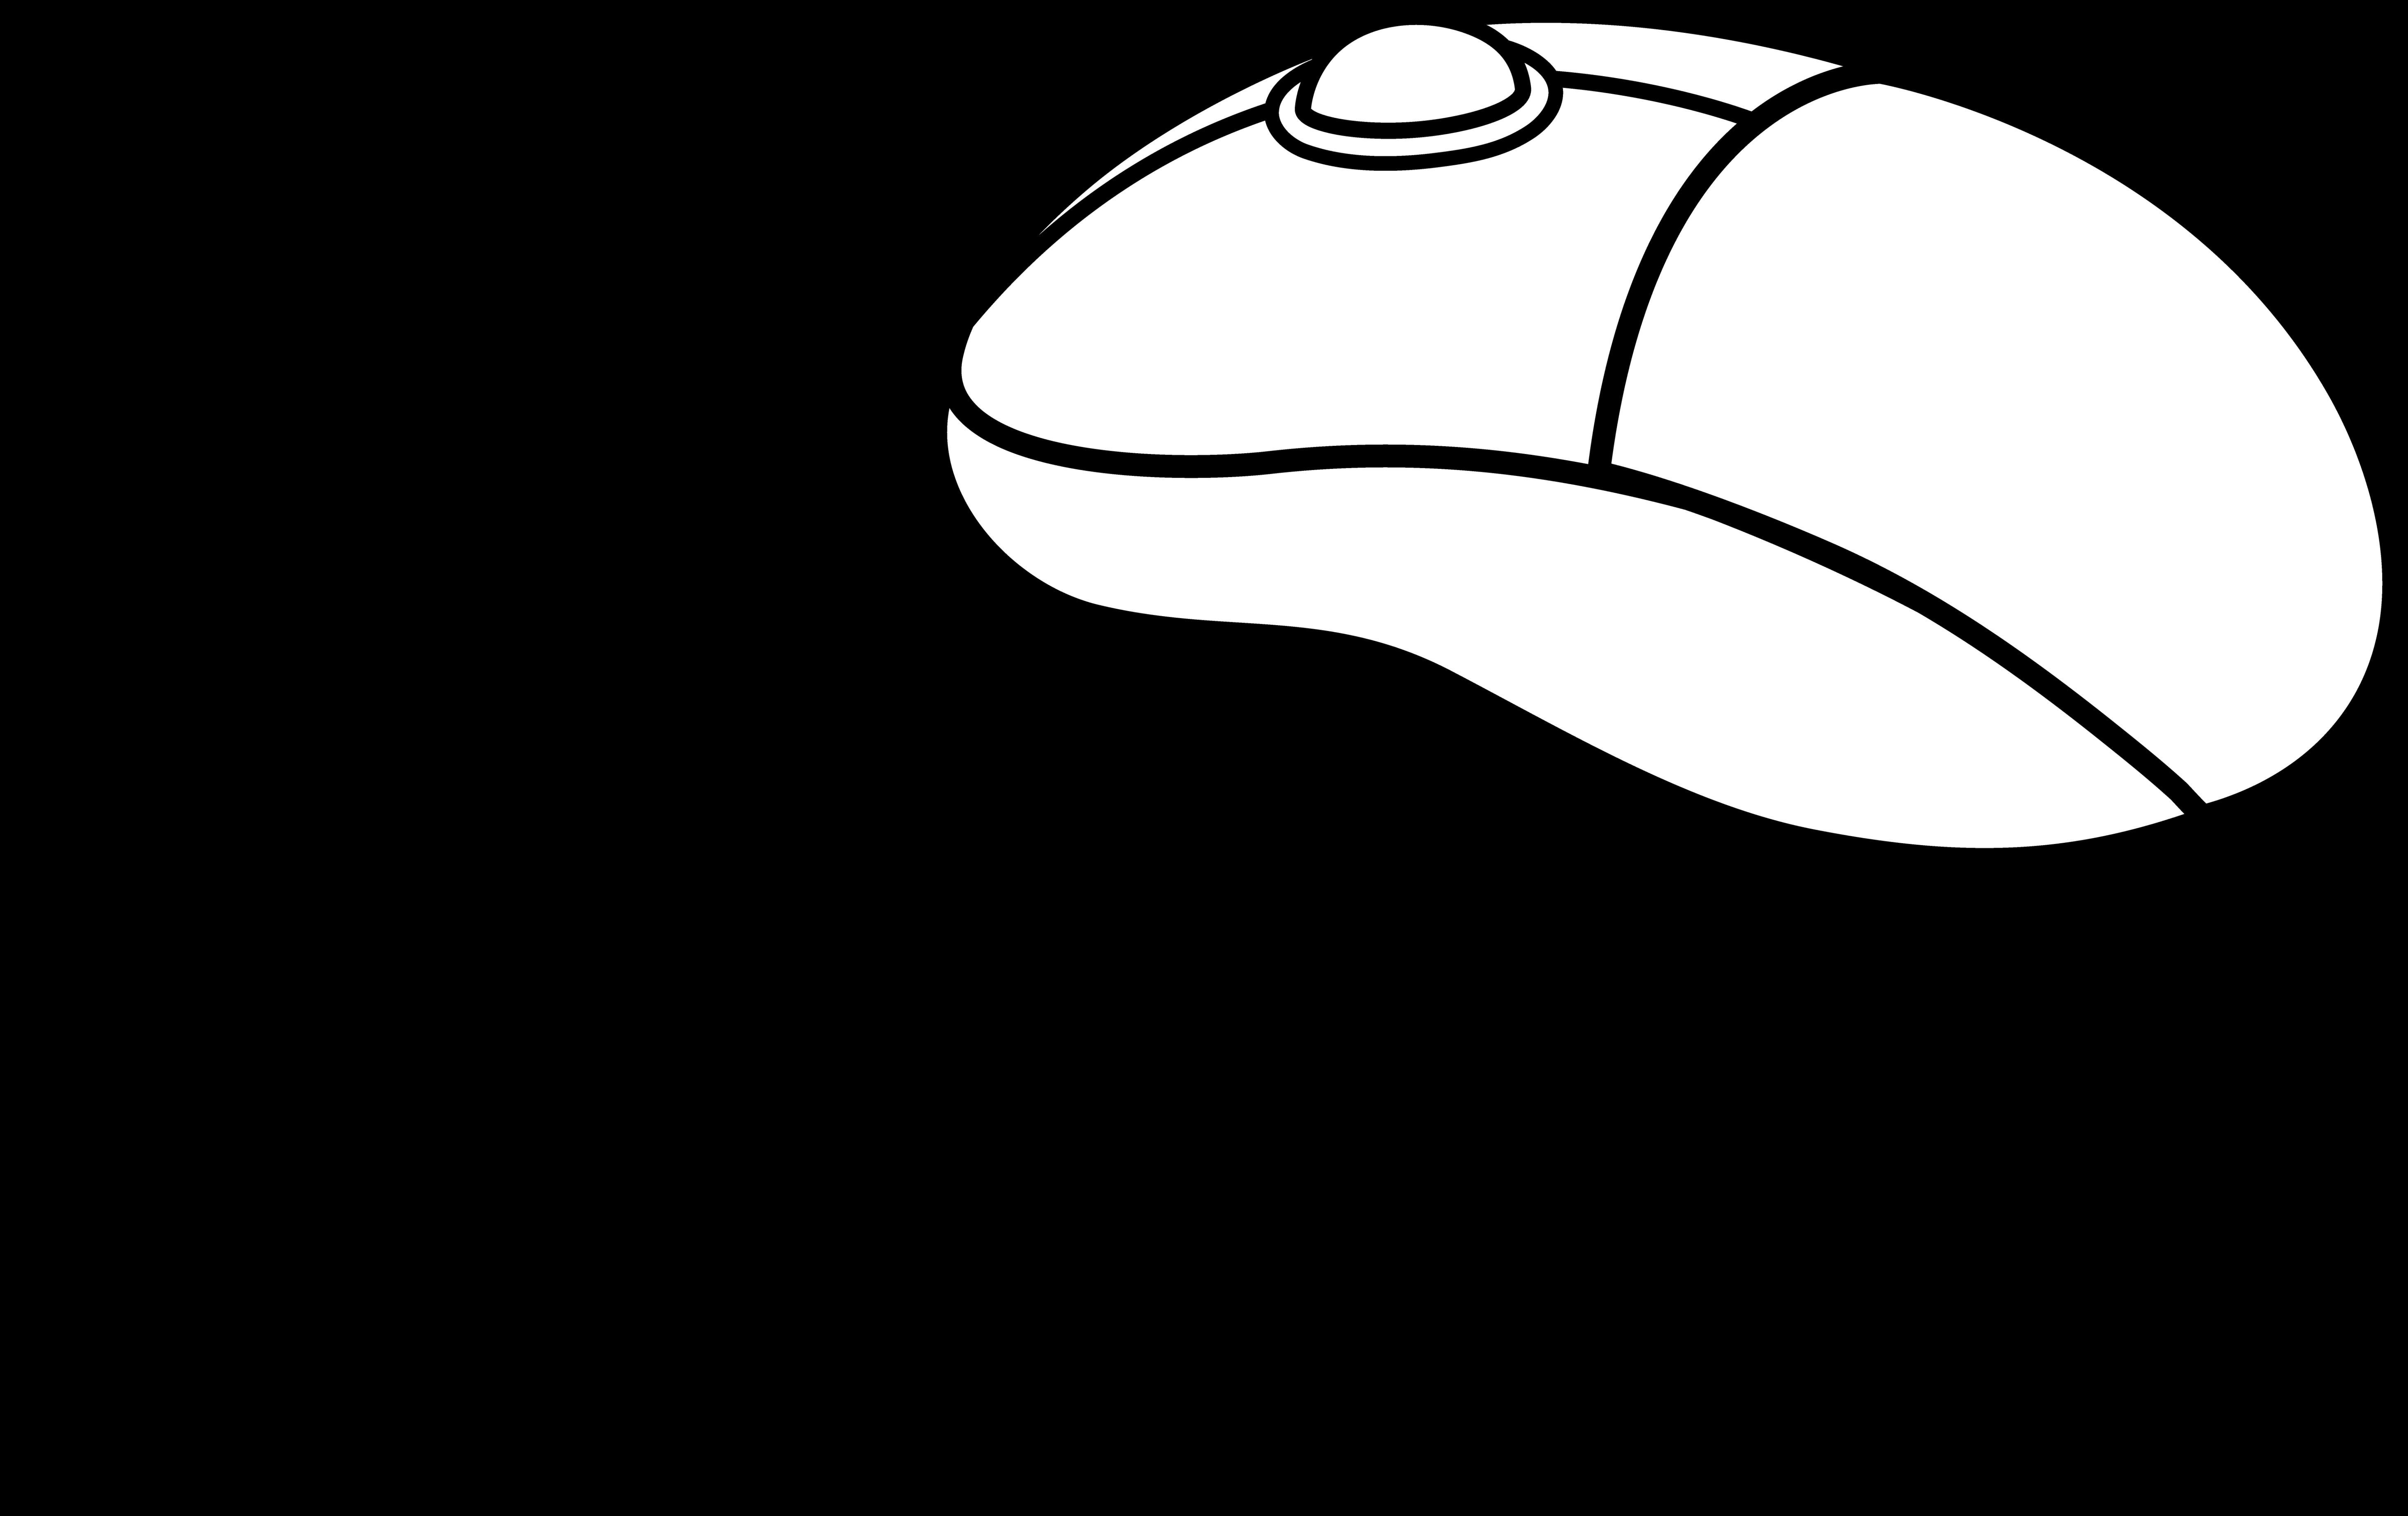 Computer Mouse Clip Art. 90a4472d3401e4df7a9bd7f1a7489c .